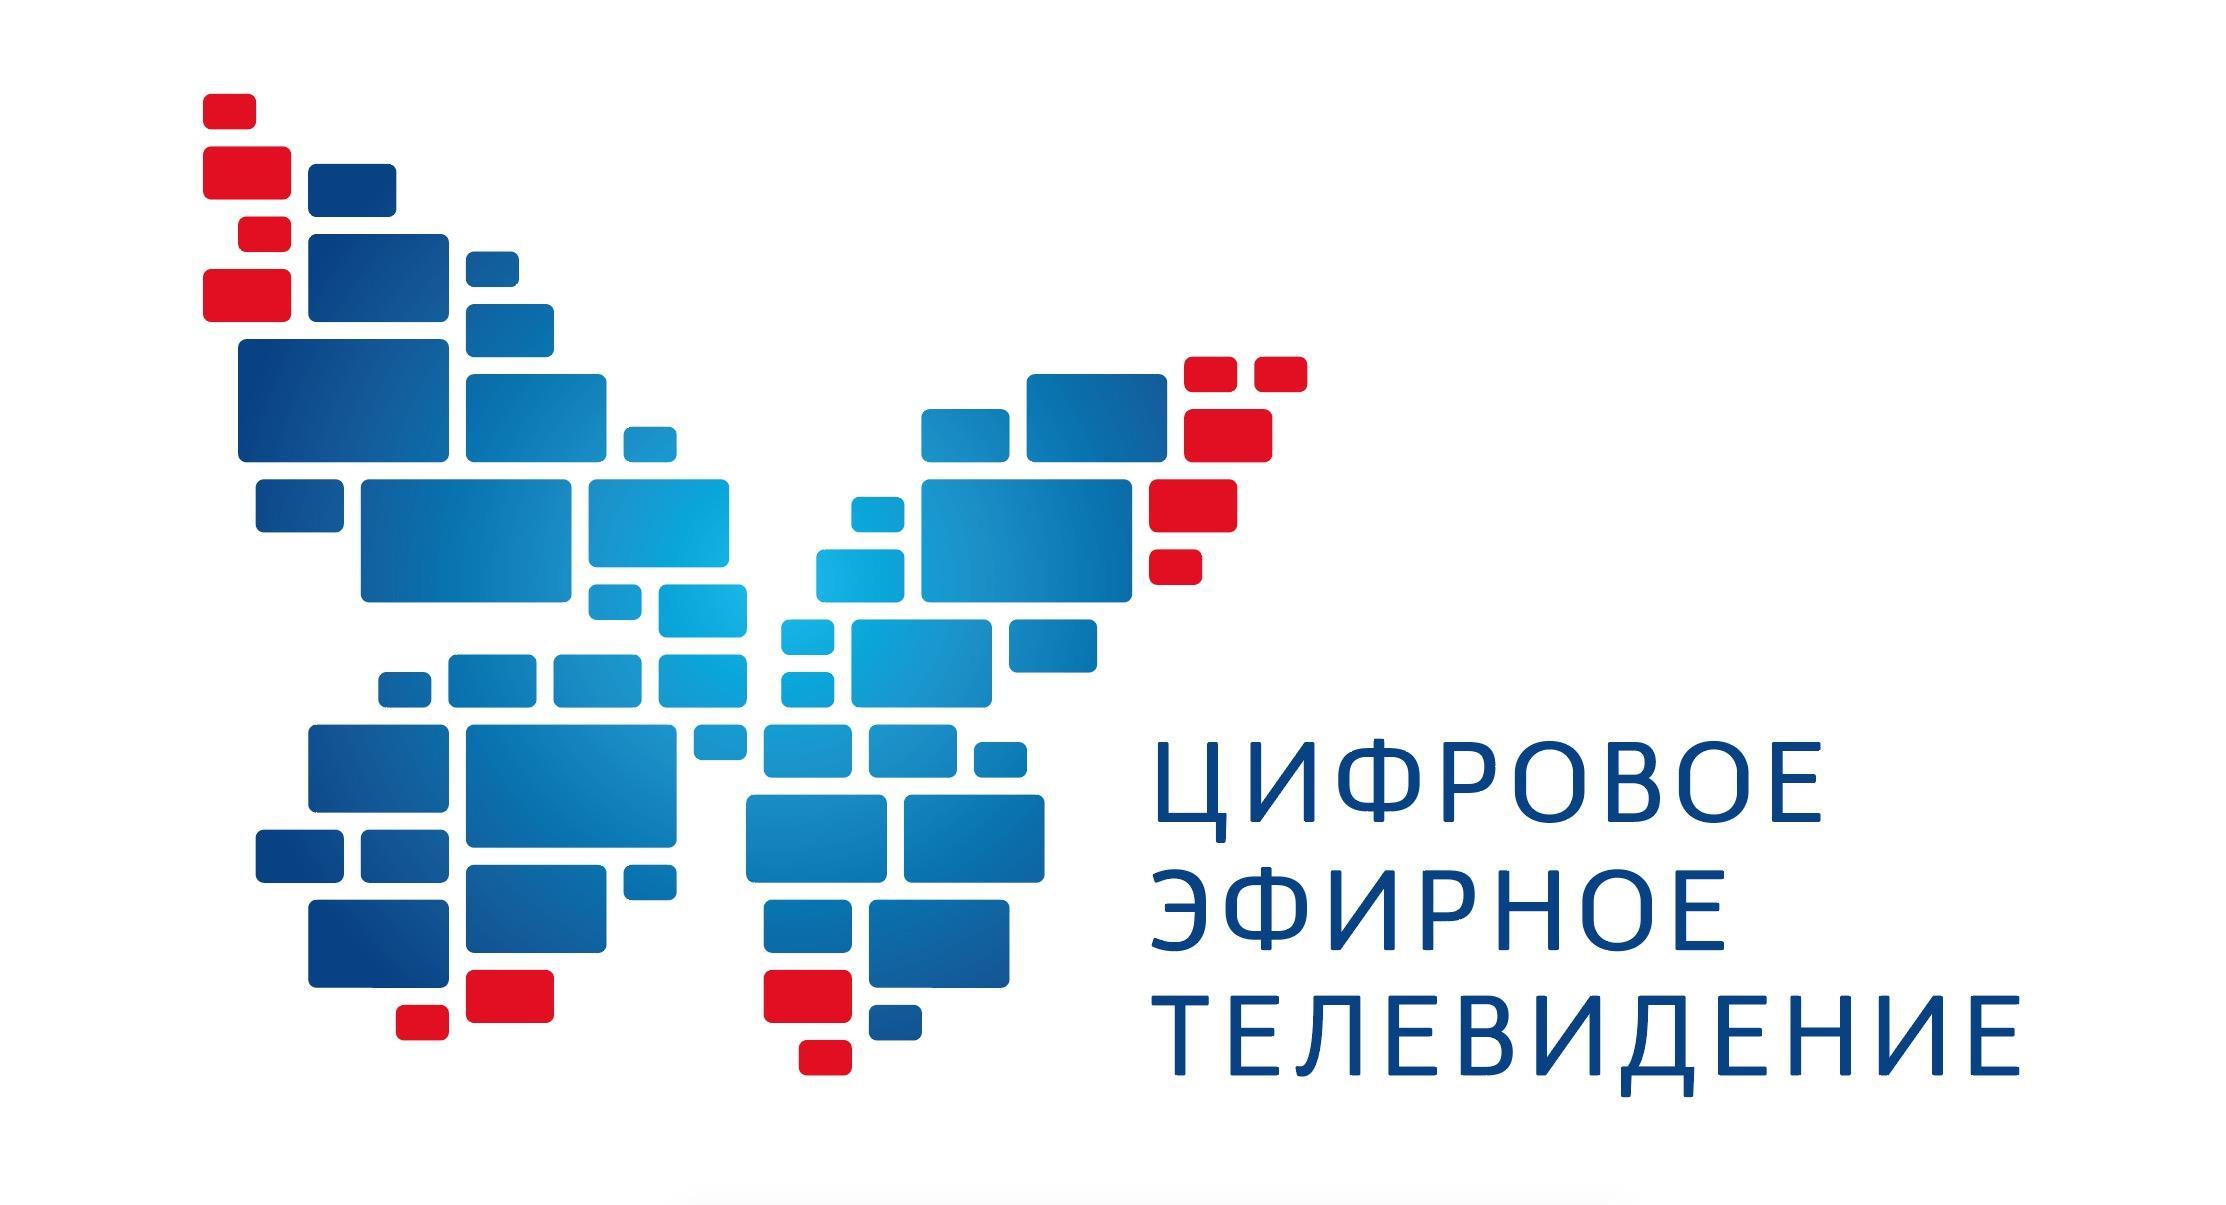 http://politehnikum-eng.ru/2019/04_12/77.jpg